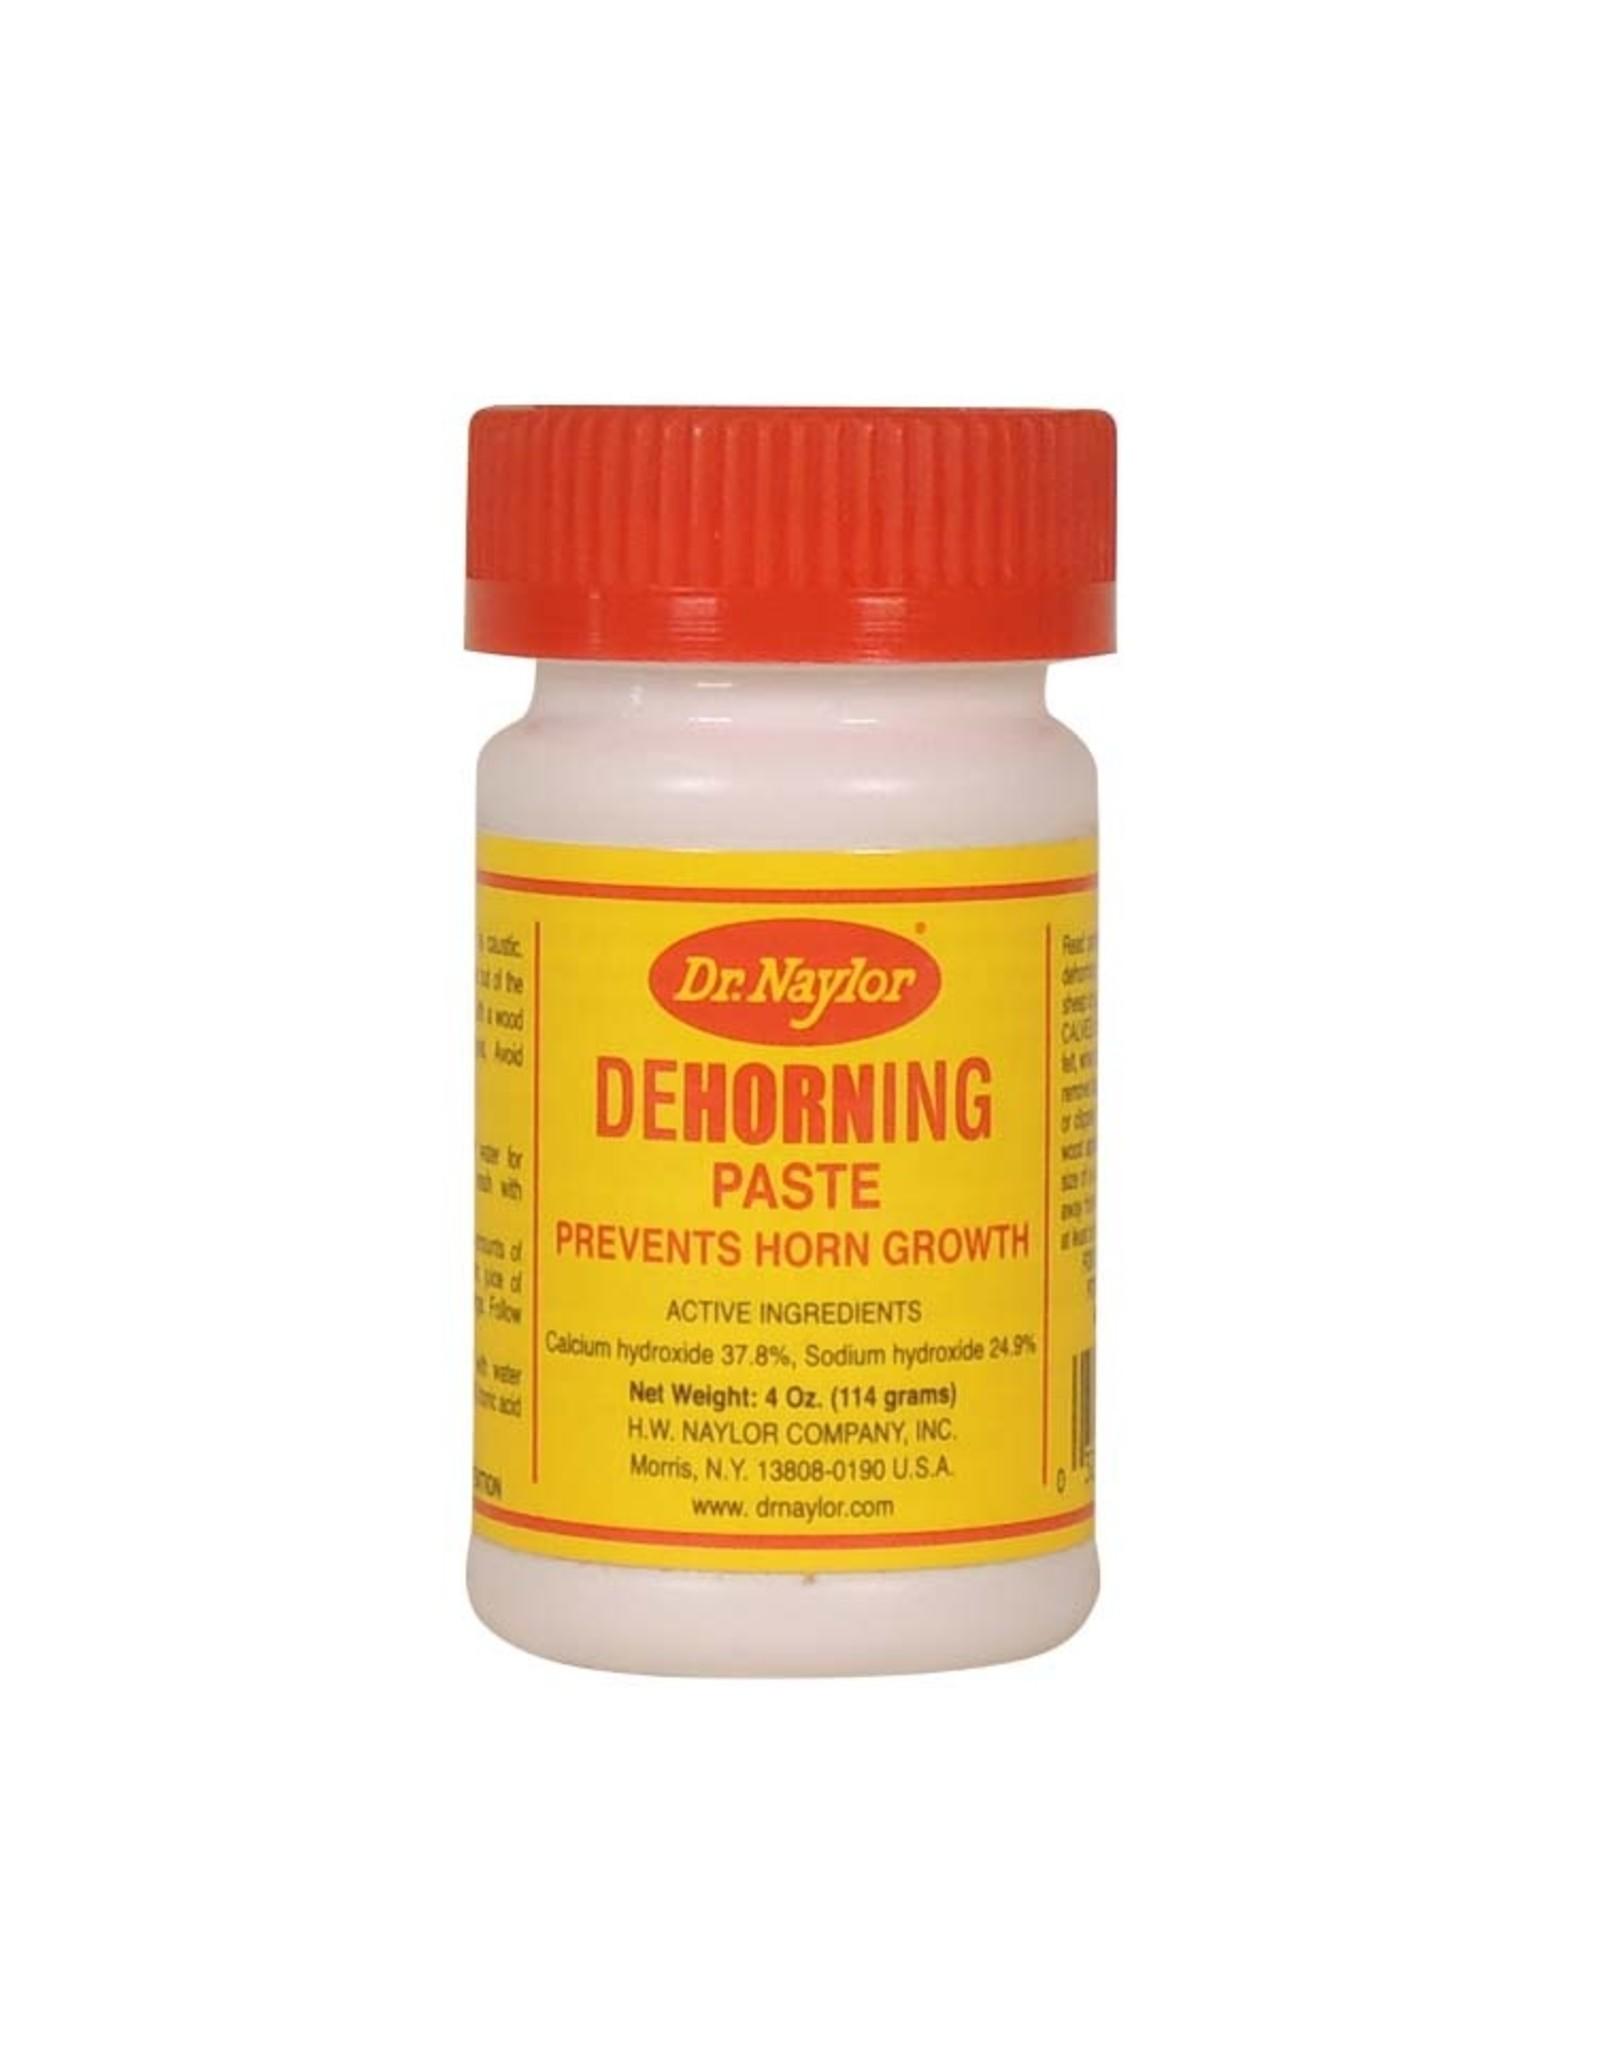 Dr Naylor's Dr Naylor's Dehorning Paste 4 OZ